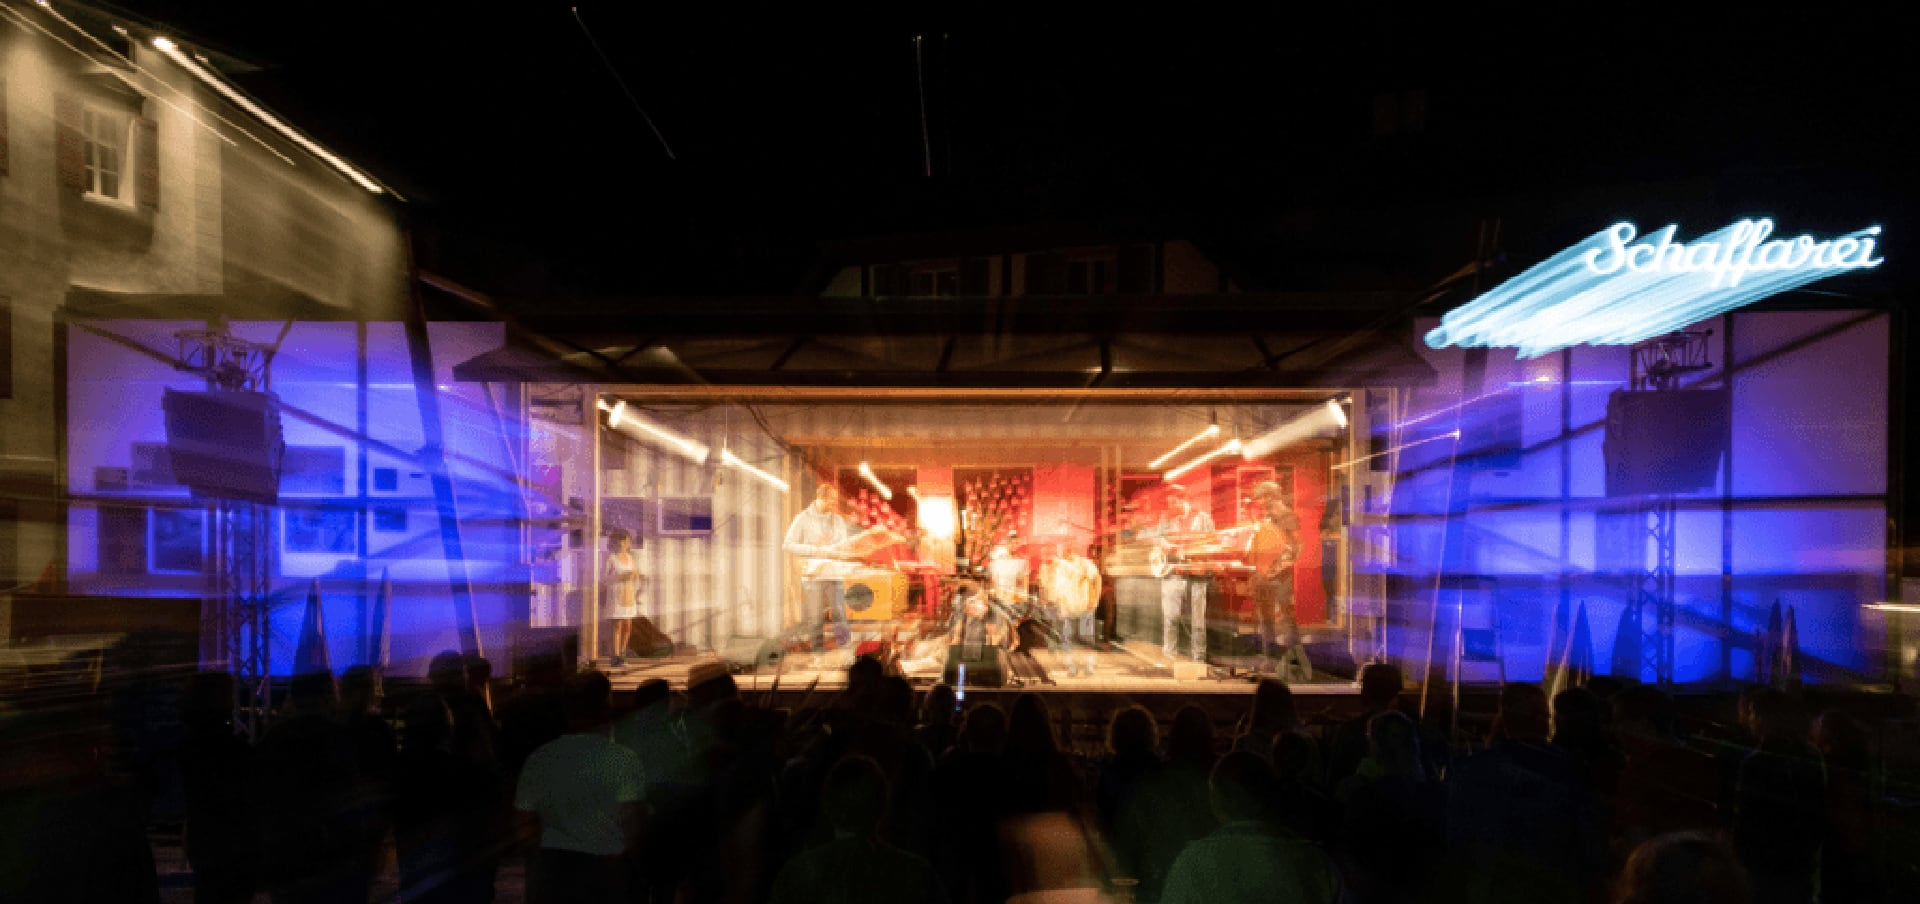 Nachtaufnahme der Bühne beim Konzert im Harder Stedepark.